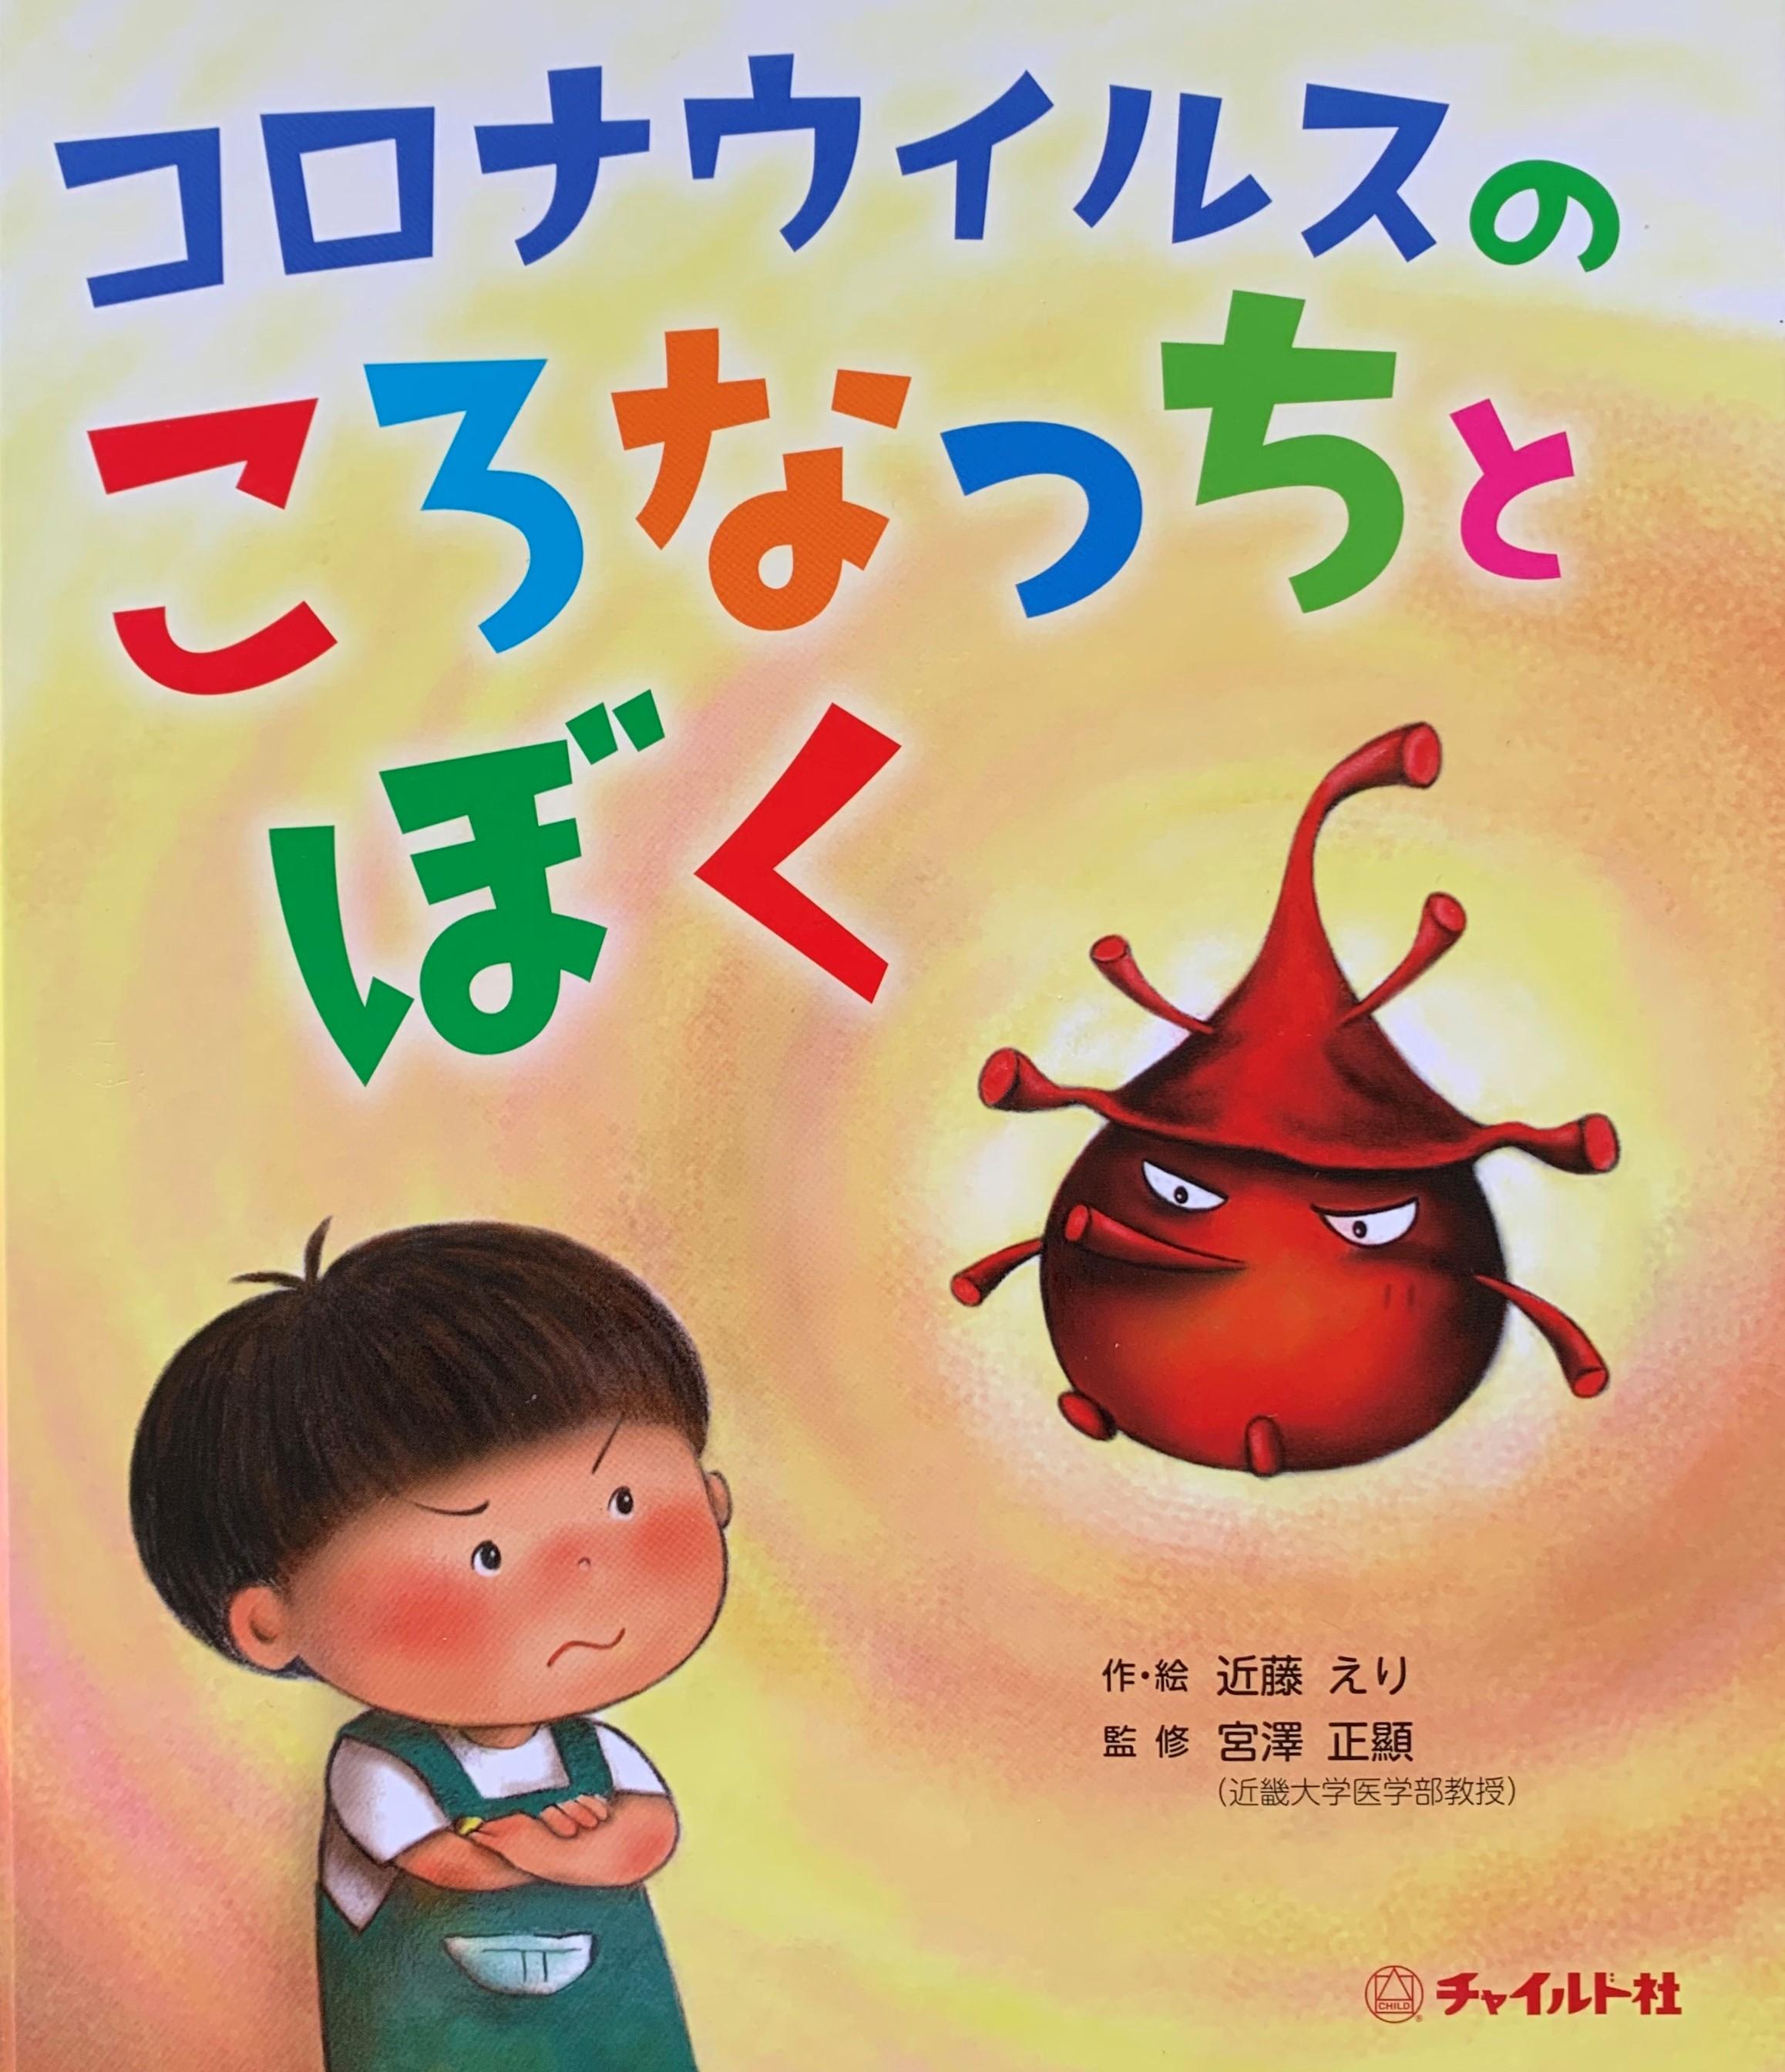 【読み聞かせ動画】コロナ対策絵本『コロナウイルスのころなっちとぼく』